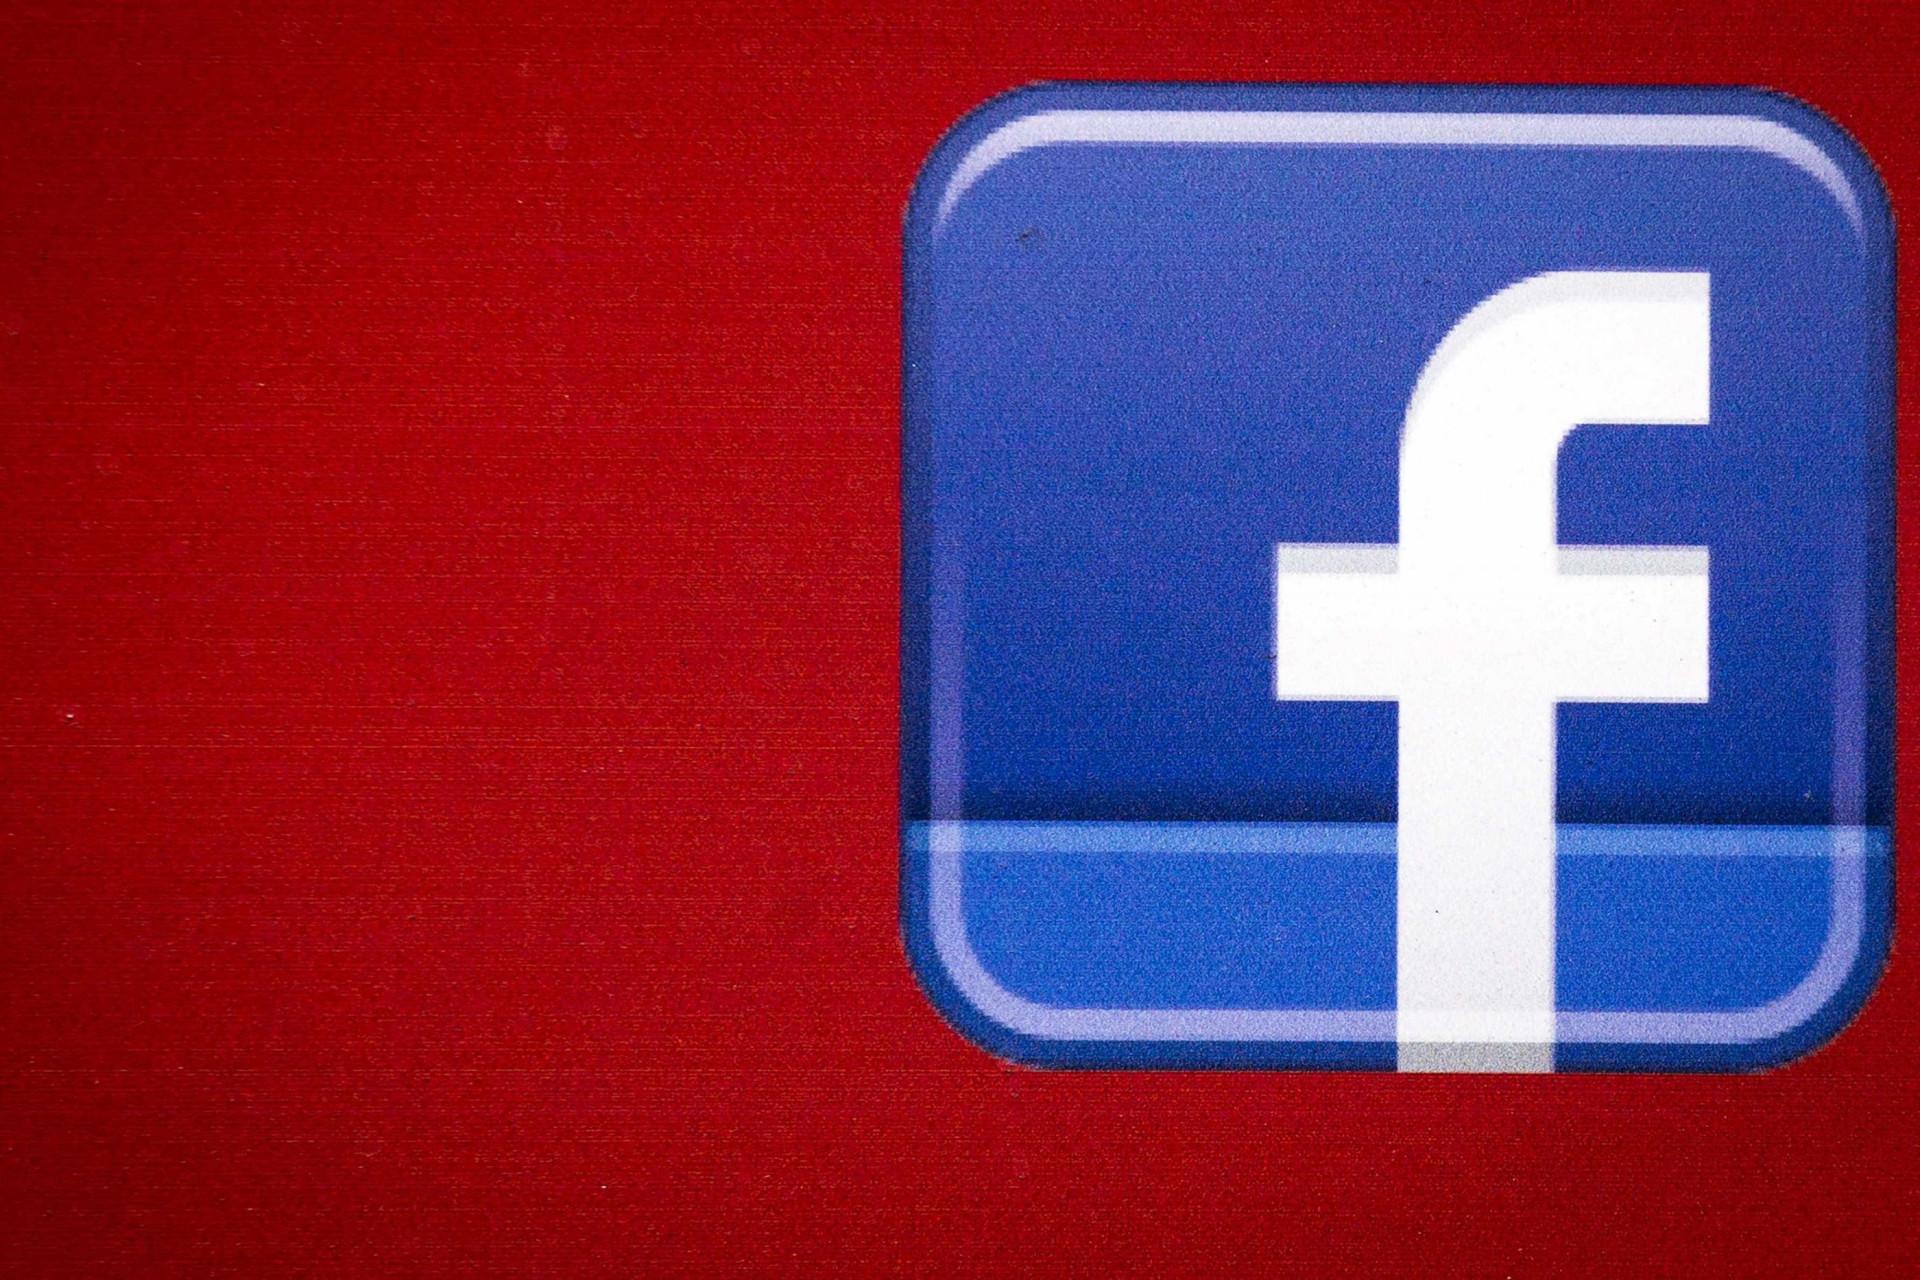 Dificuldades em aceder ao Facebook? Não é só consigo